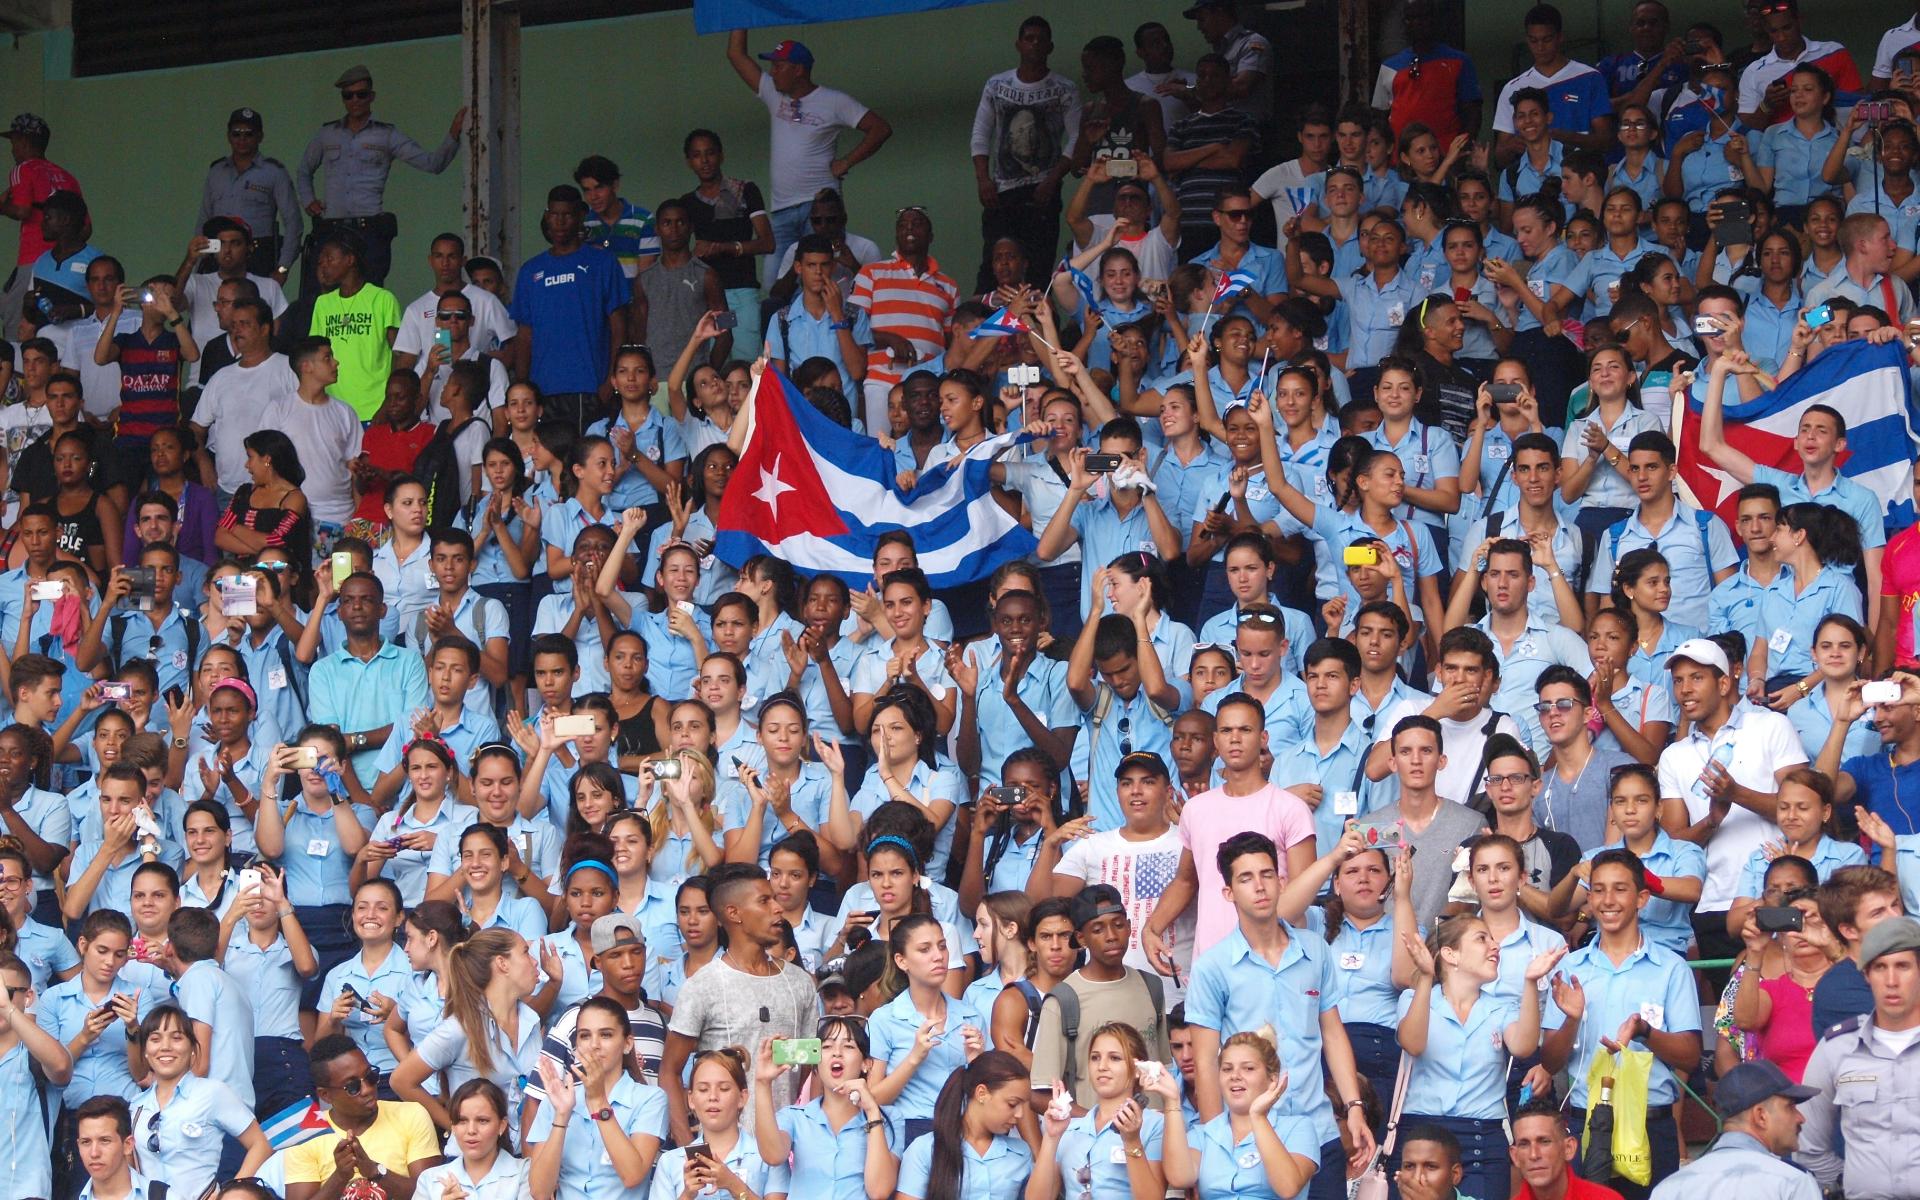 Фото: Болельщики сборной Кубы (Guillermo Nova/dpa)